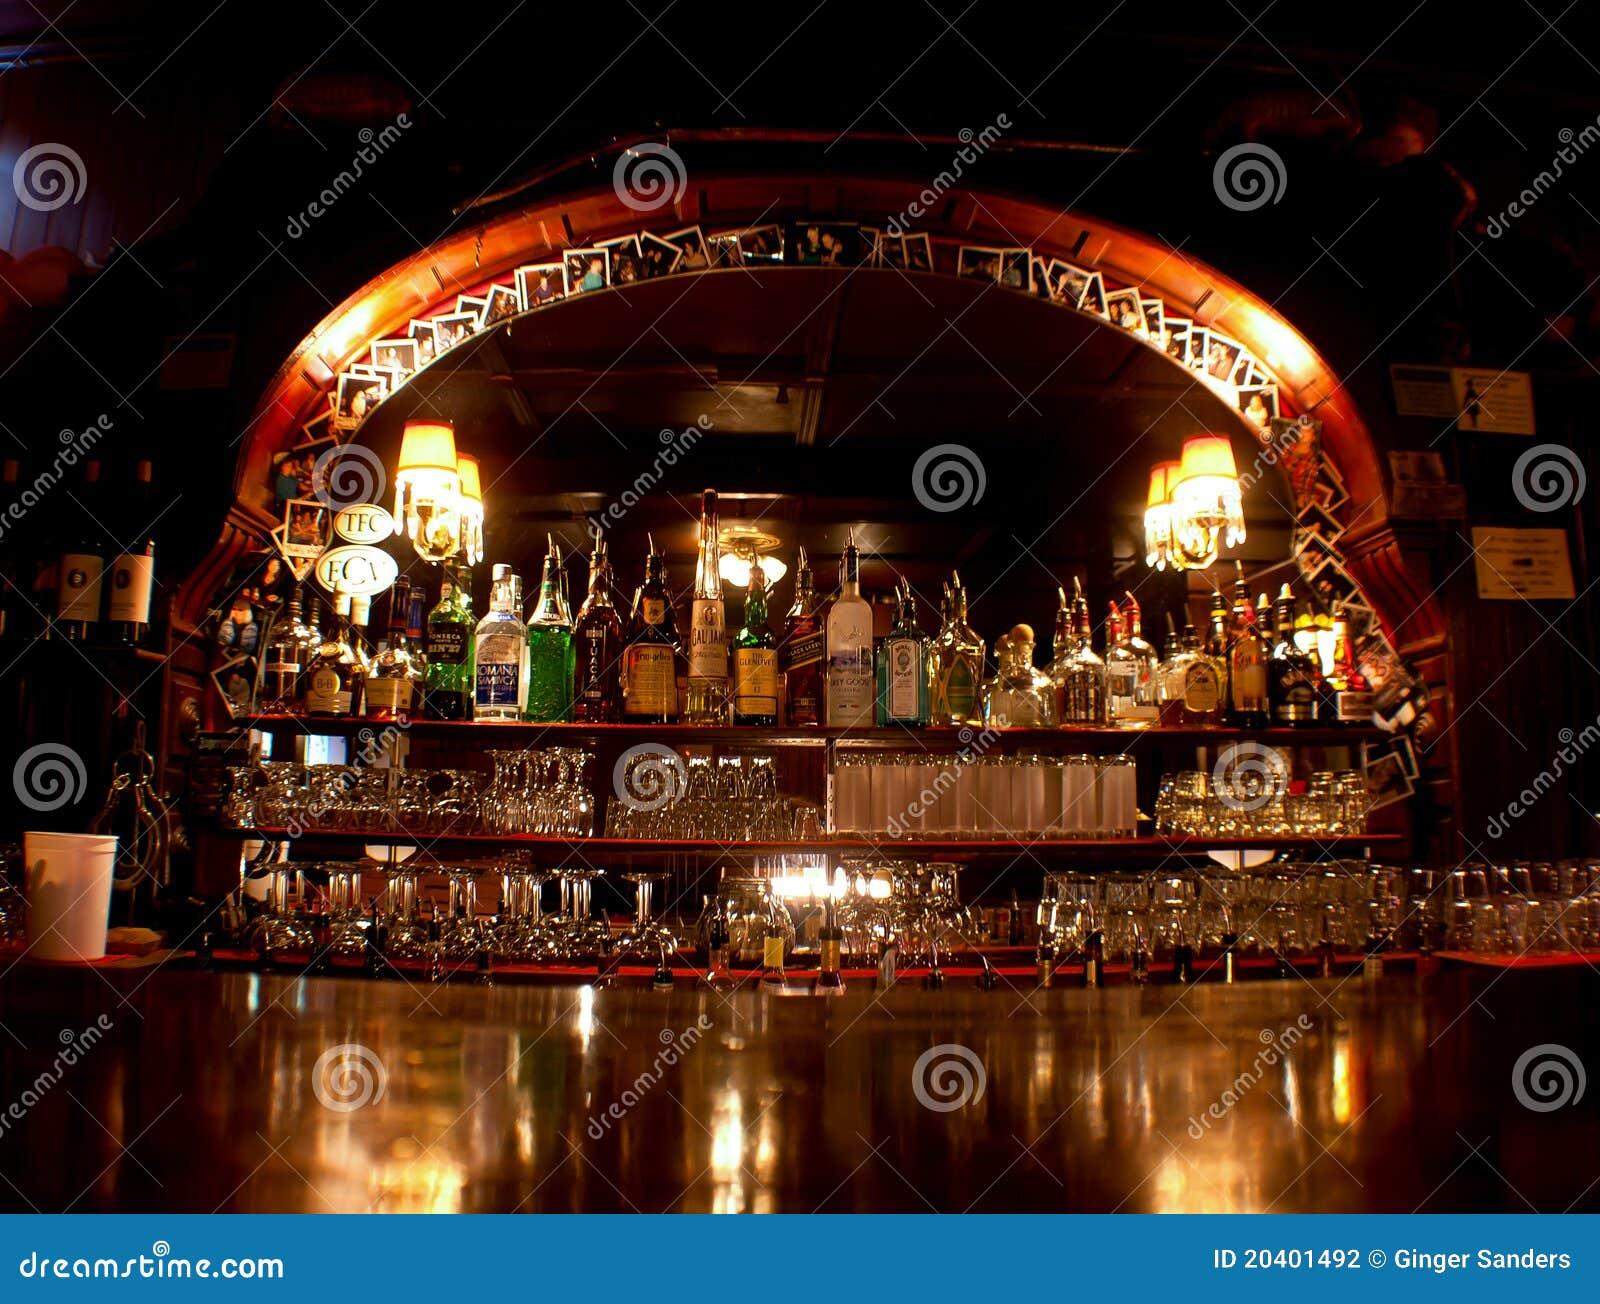 Old Fashioned Western Saloon Bar